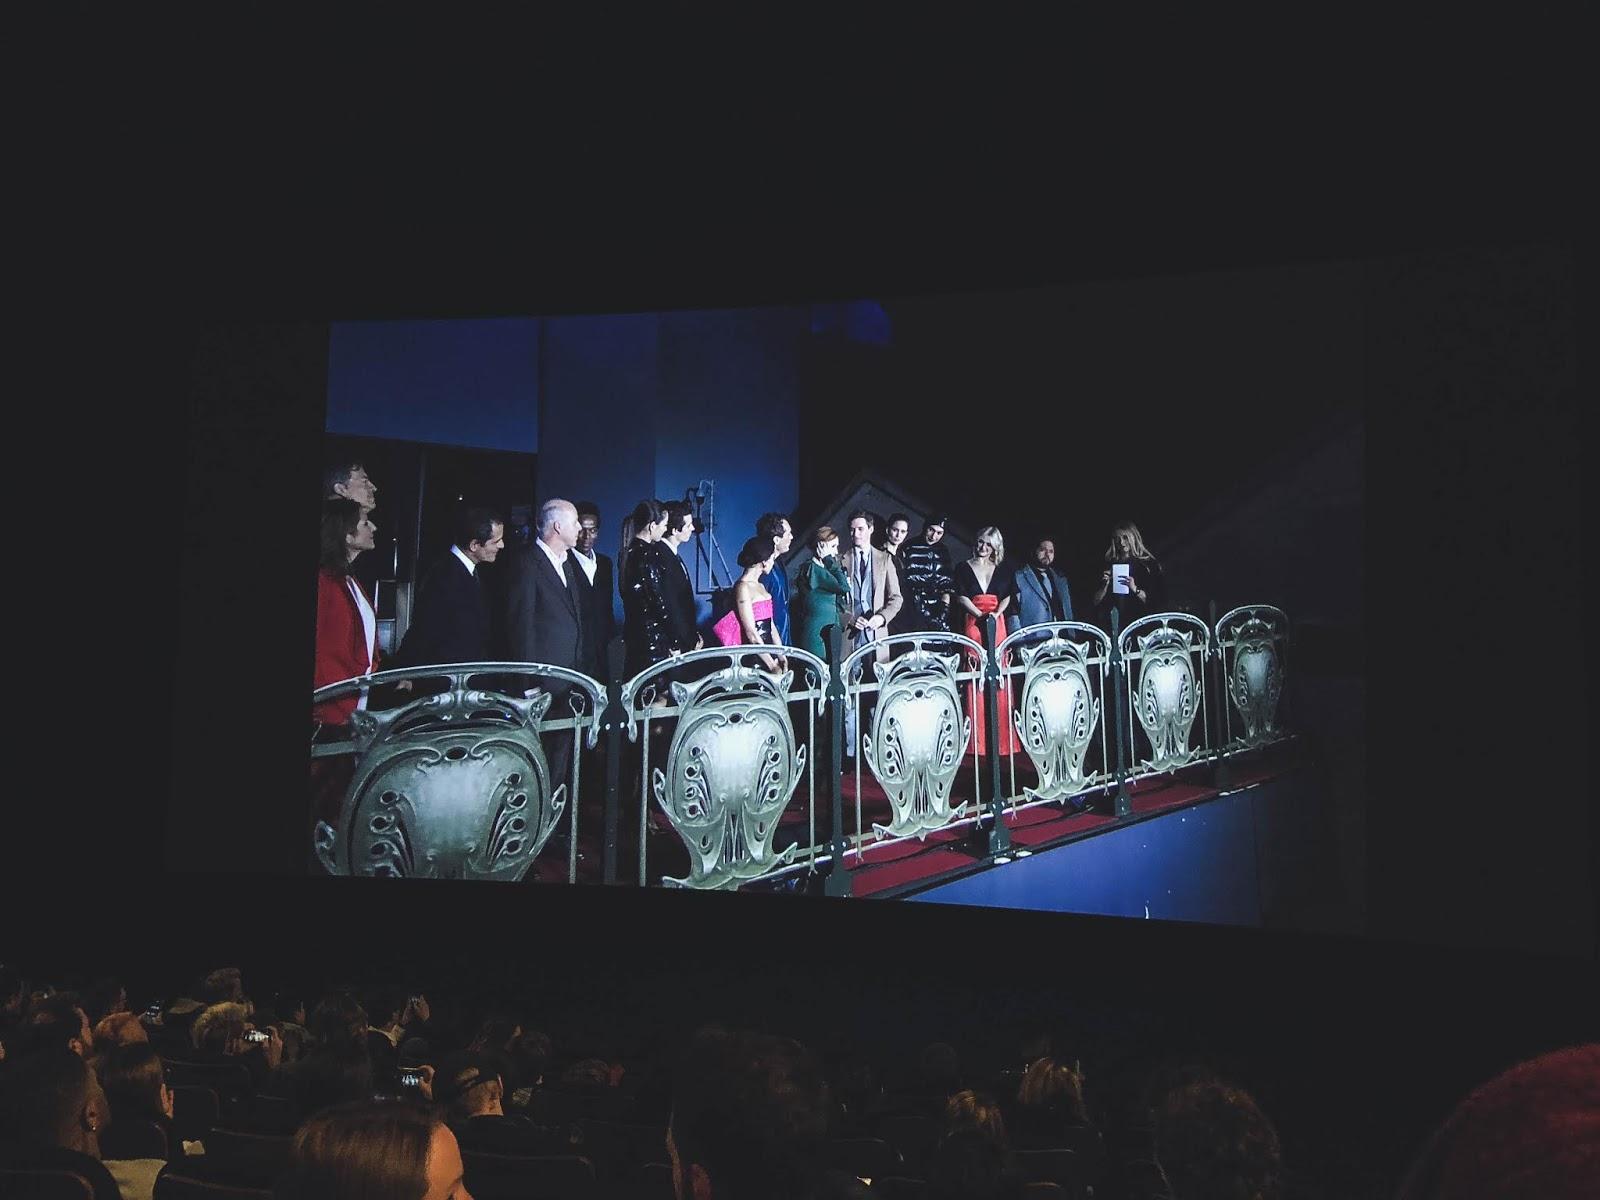 Les Animaux Fantastiques 2 : Les Crimes de Grindelwald Avant Première Mondiale à Paris